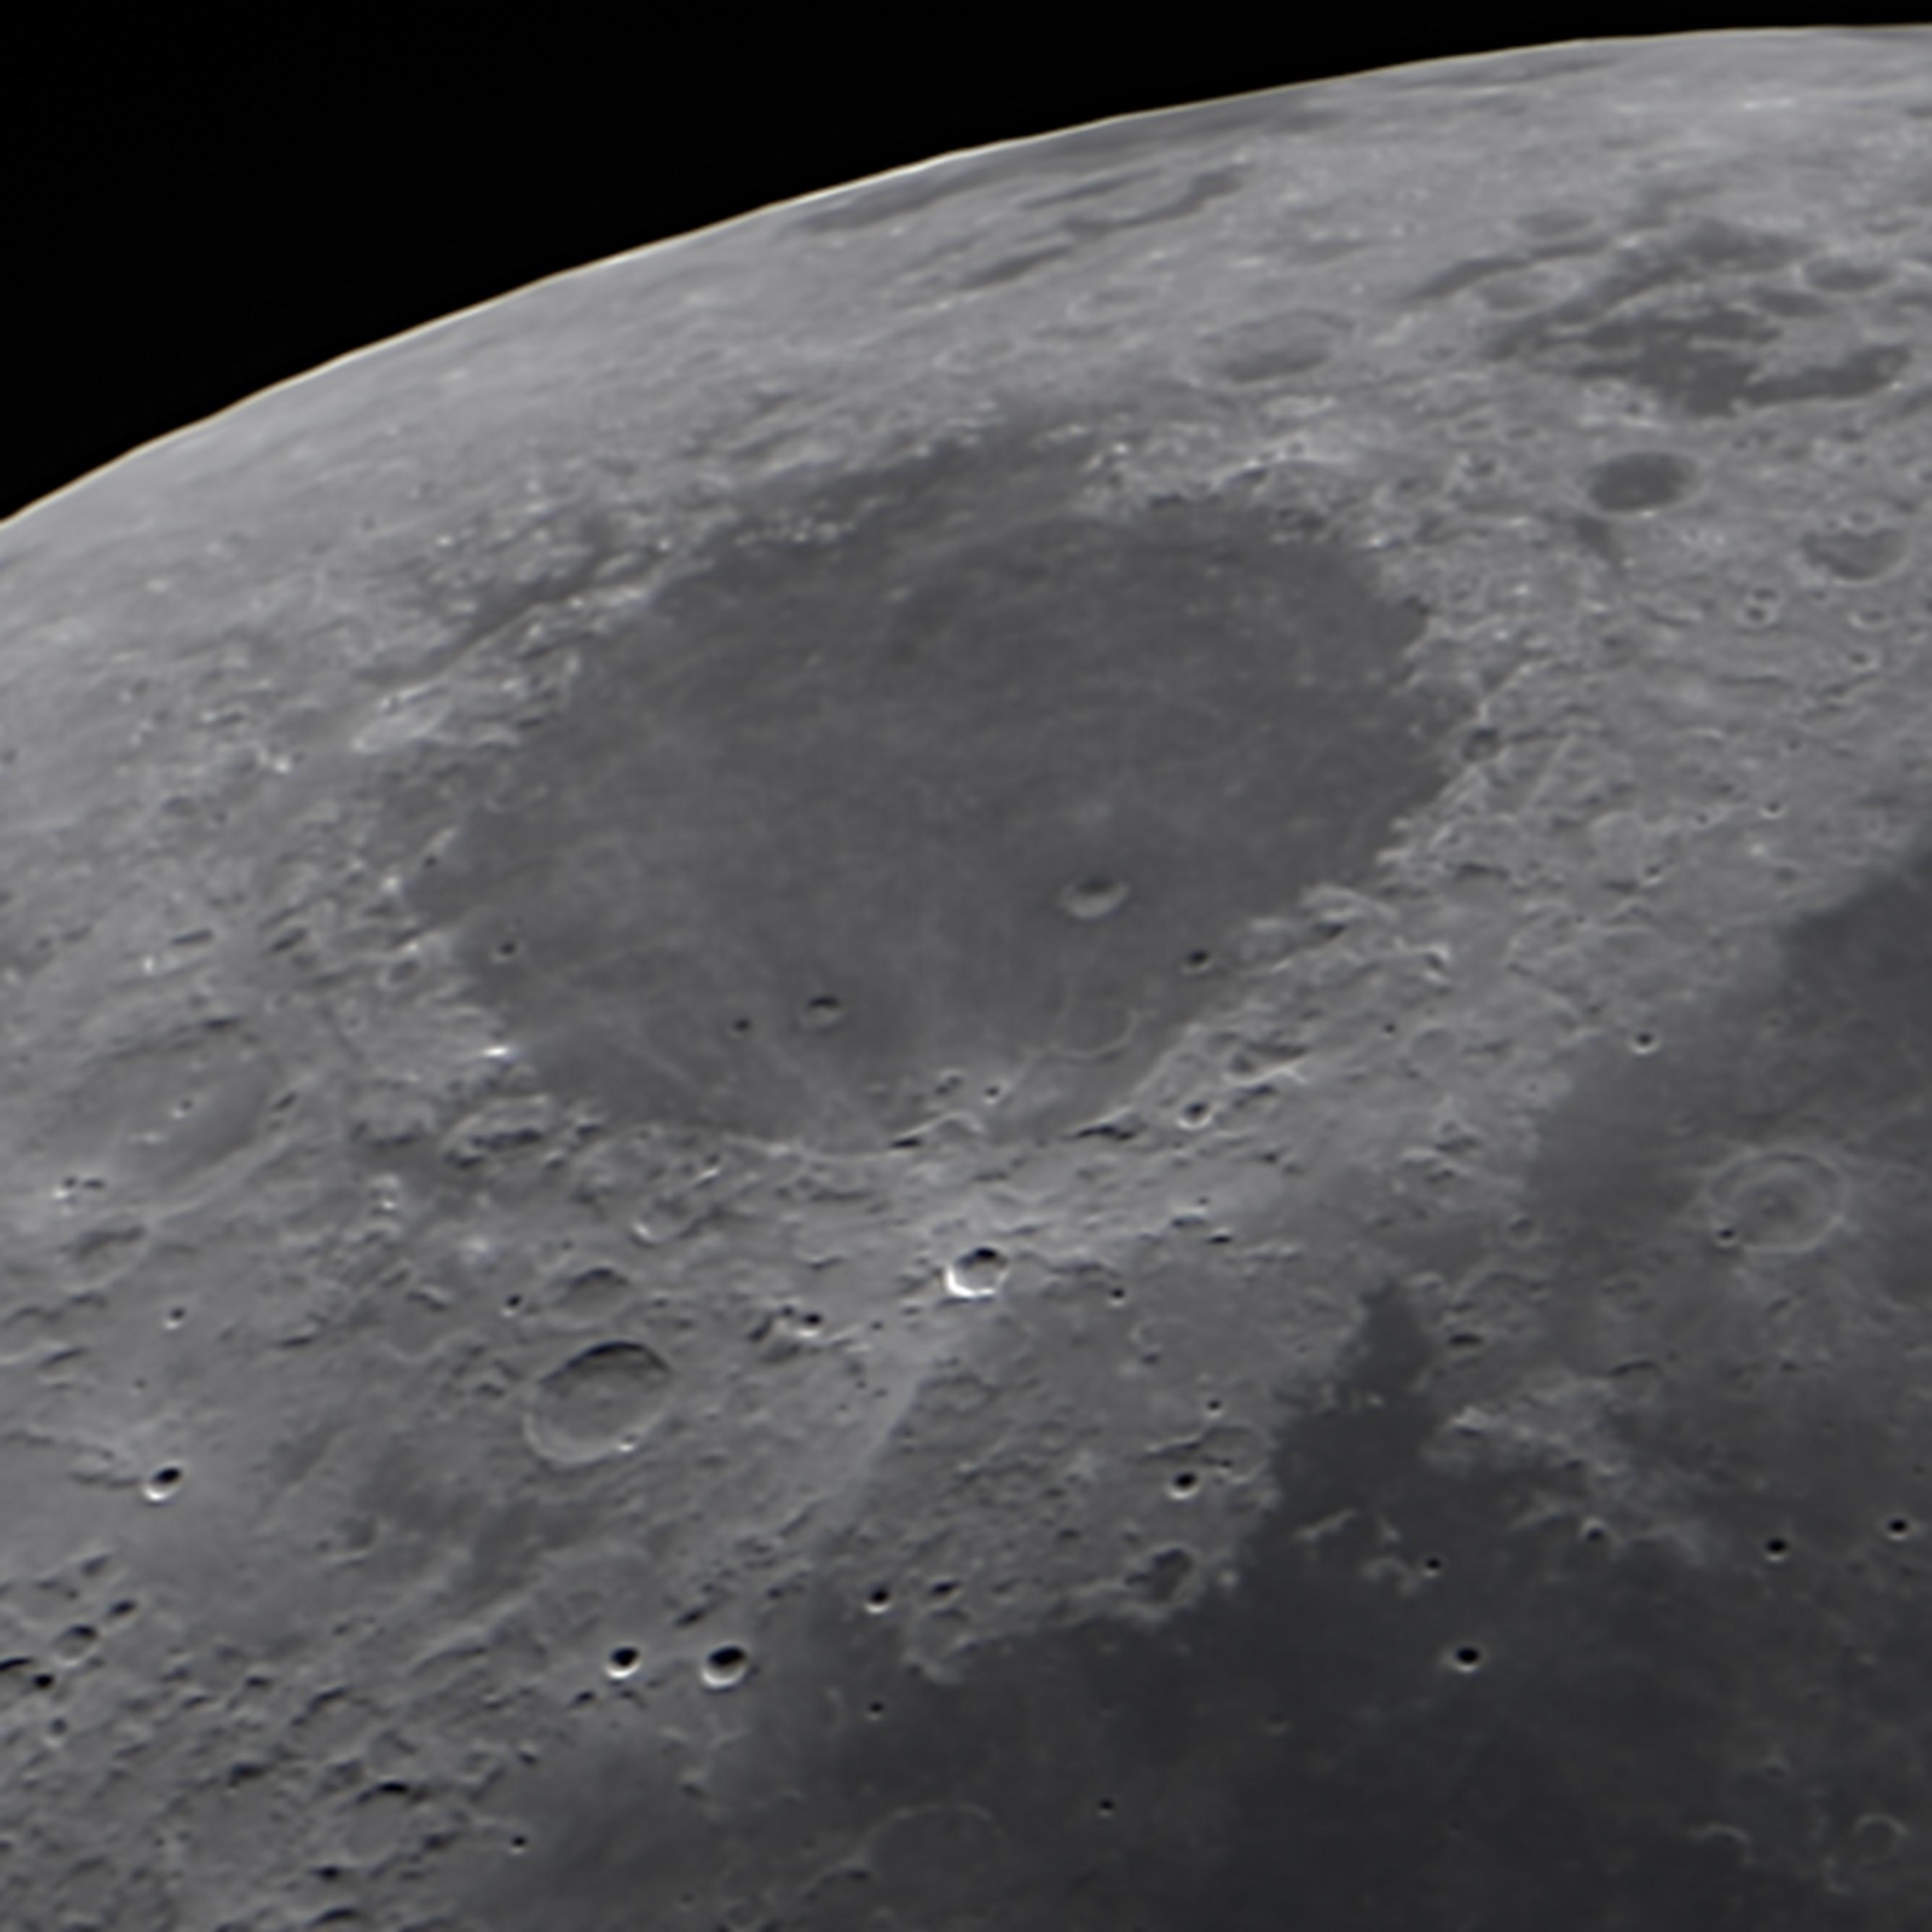 telescopio para ver superficie lunar